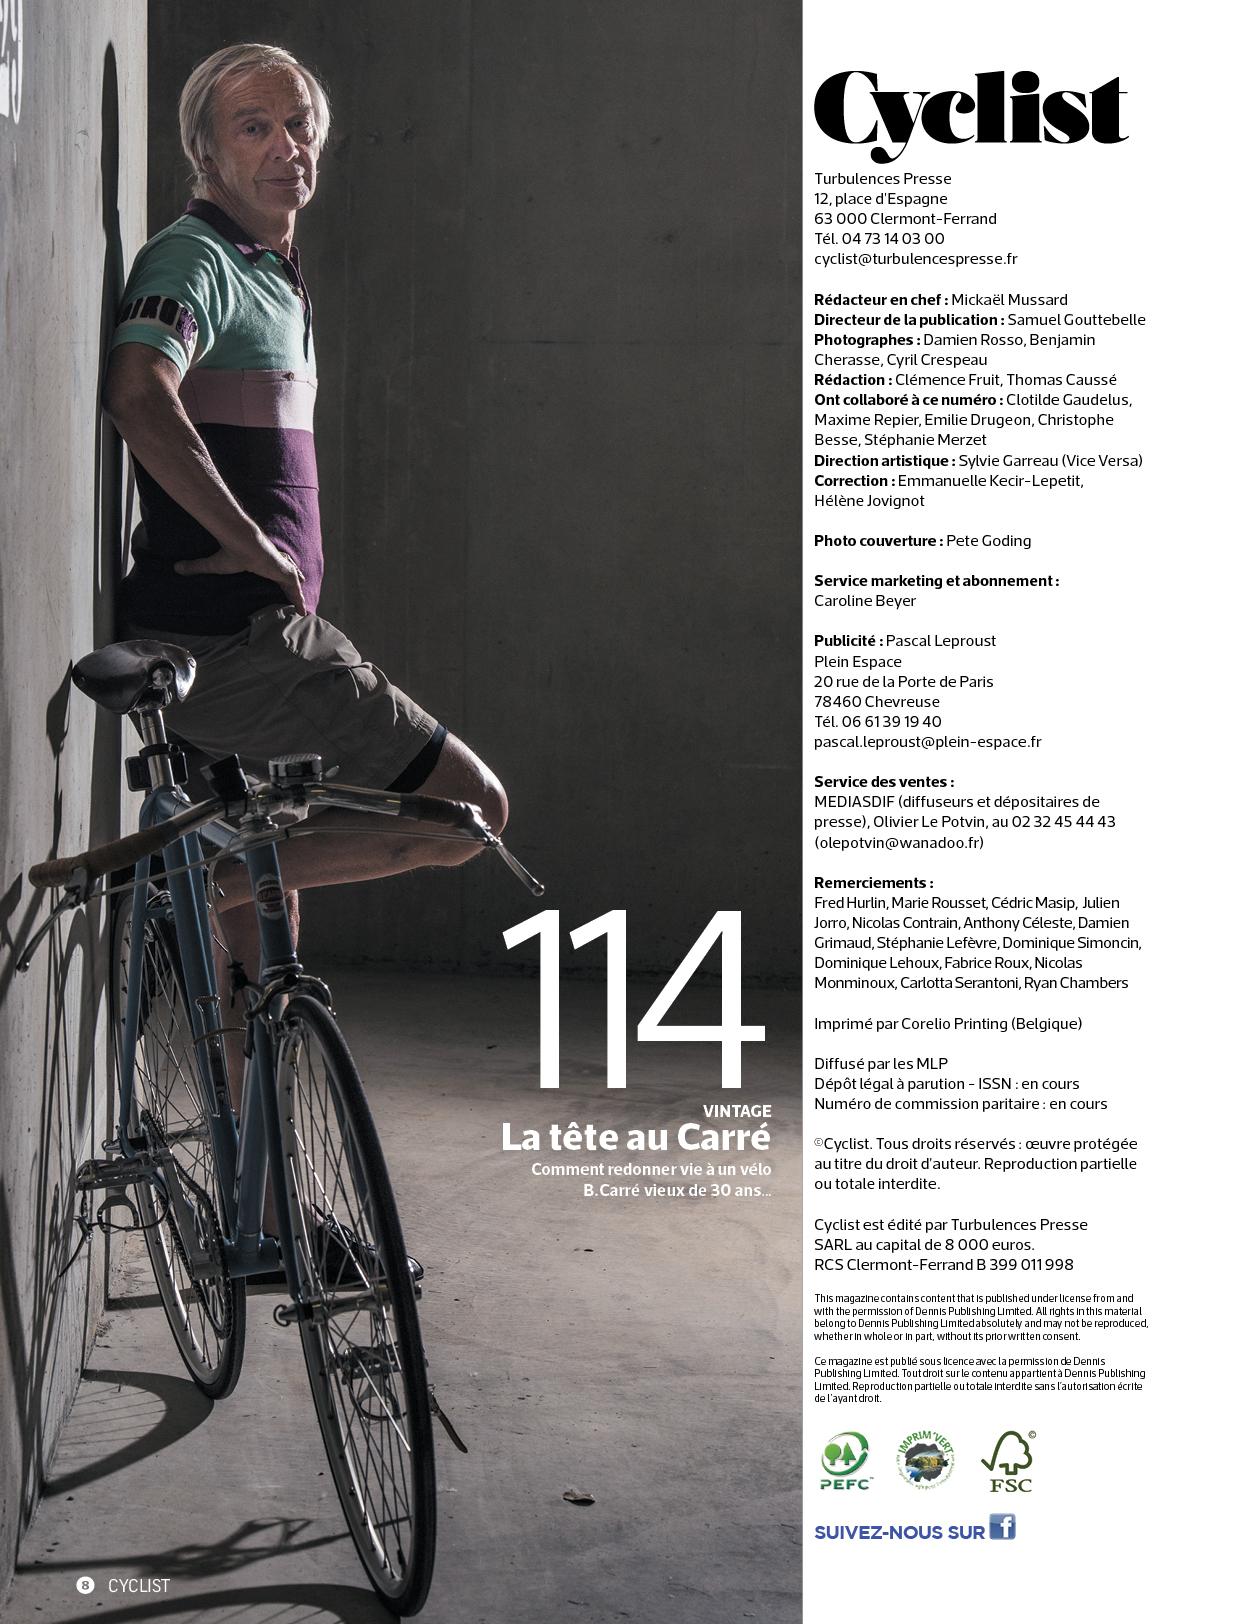 cyclist-1-5